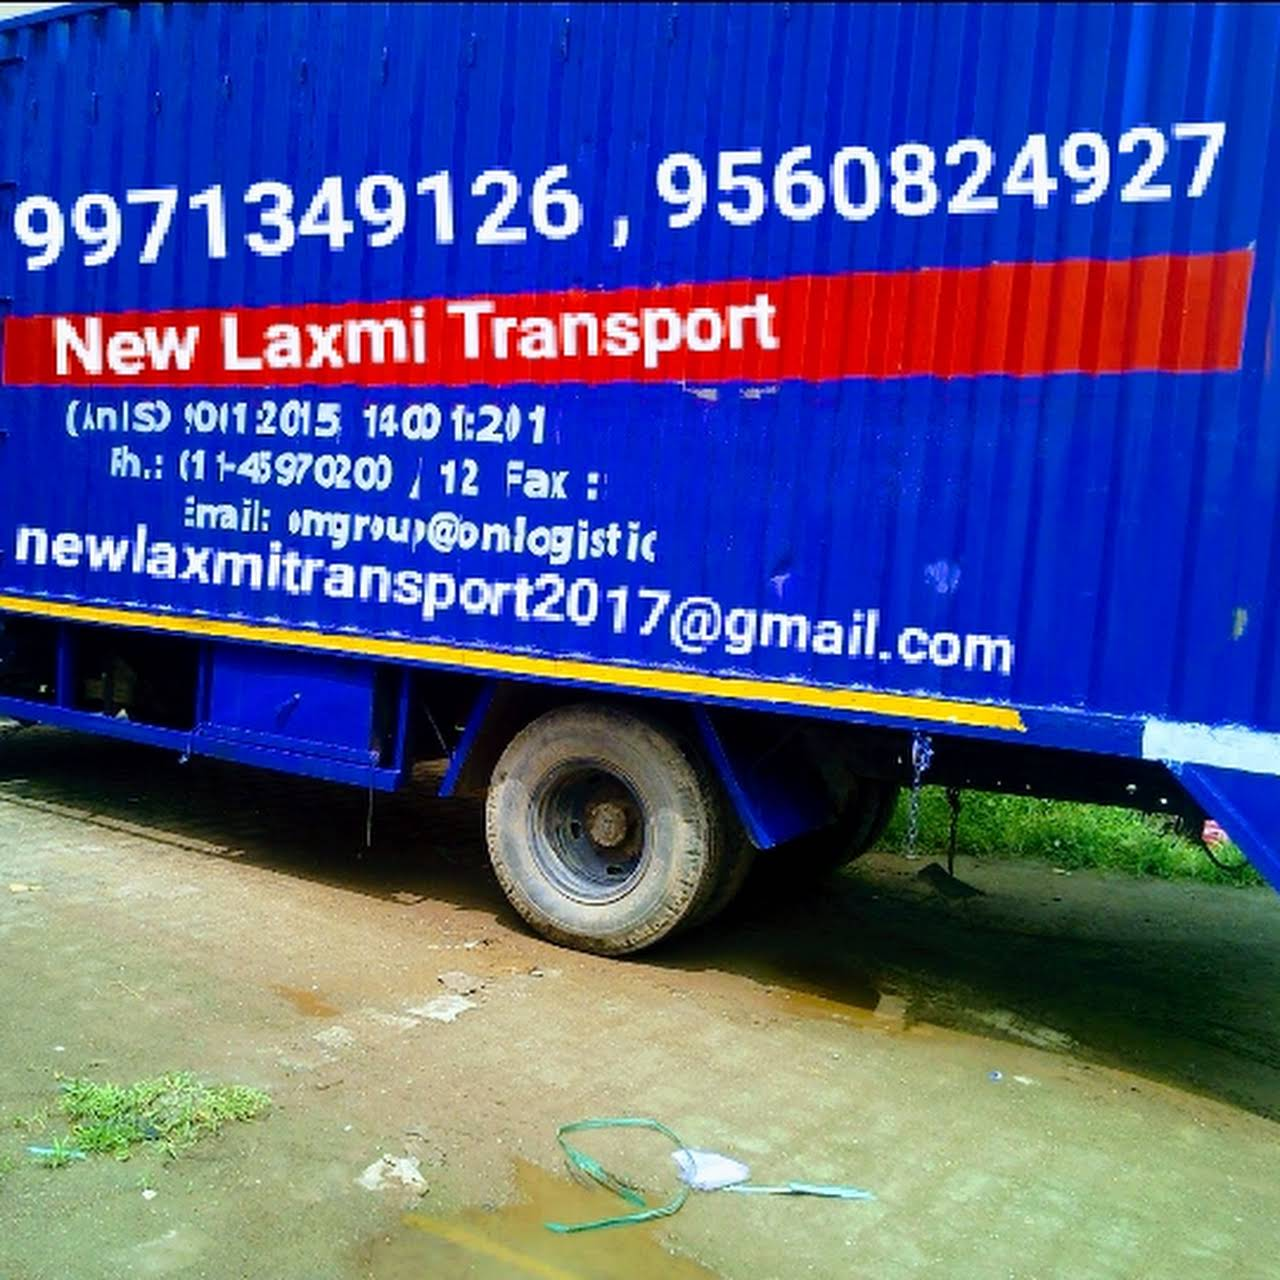 New Laxmi Transport - Transportation Service in Greater Noida